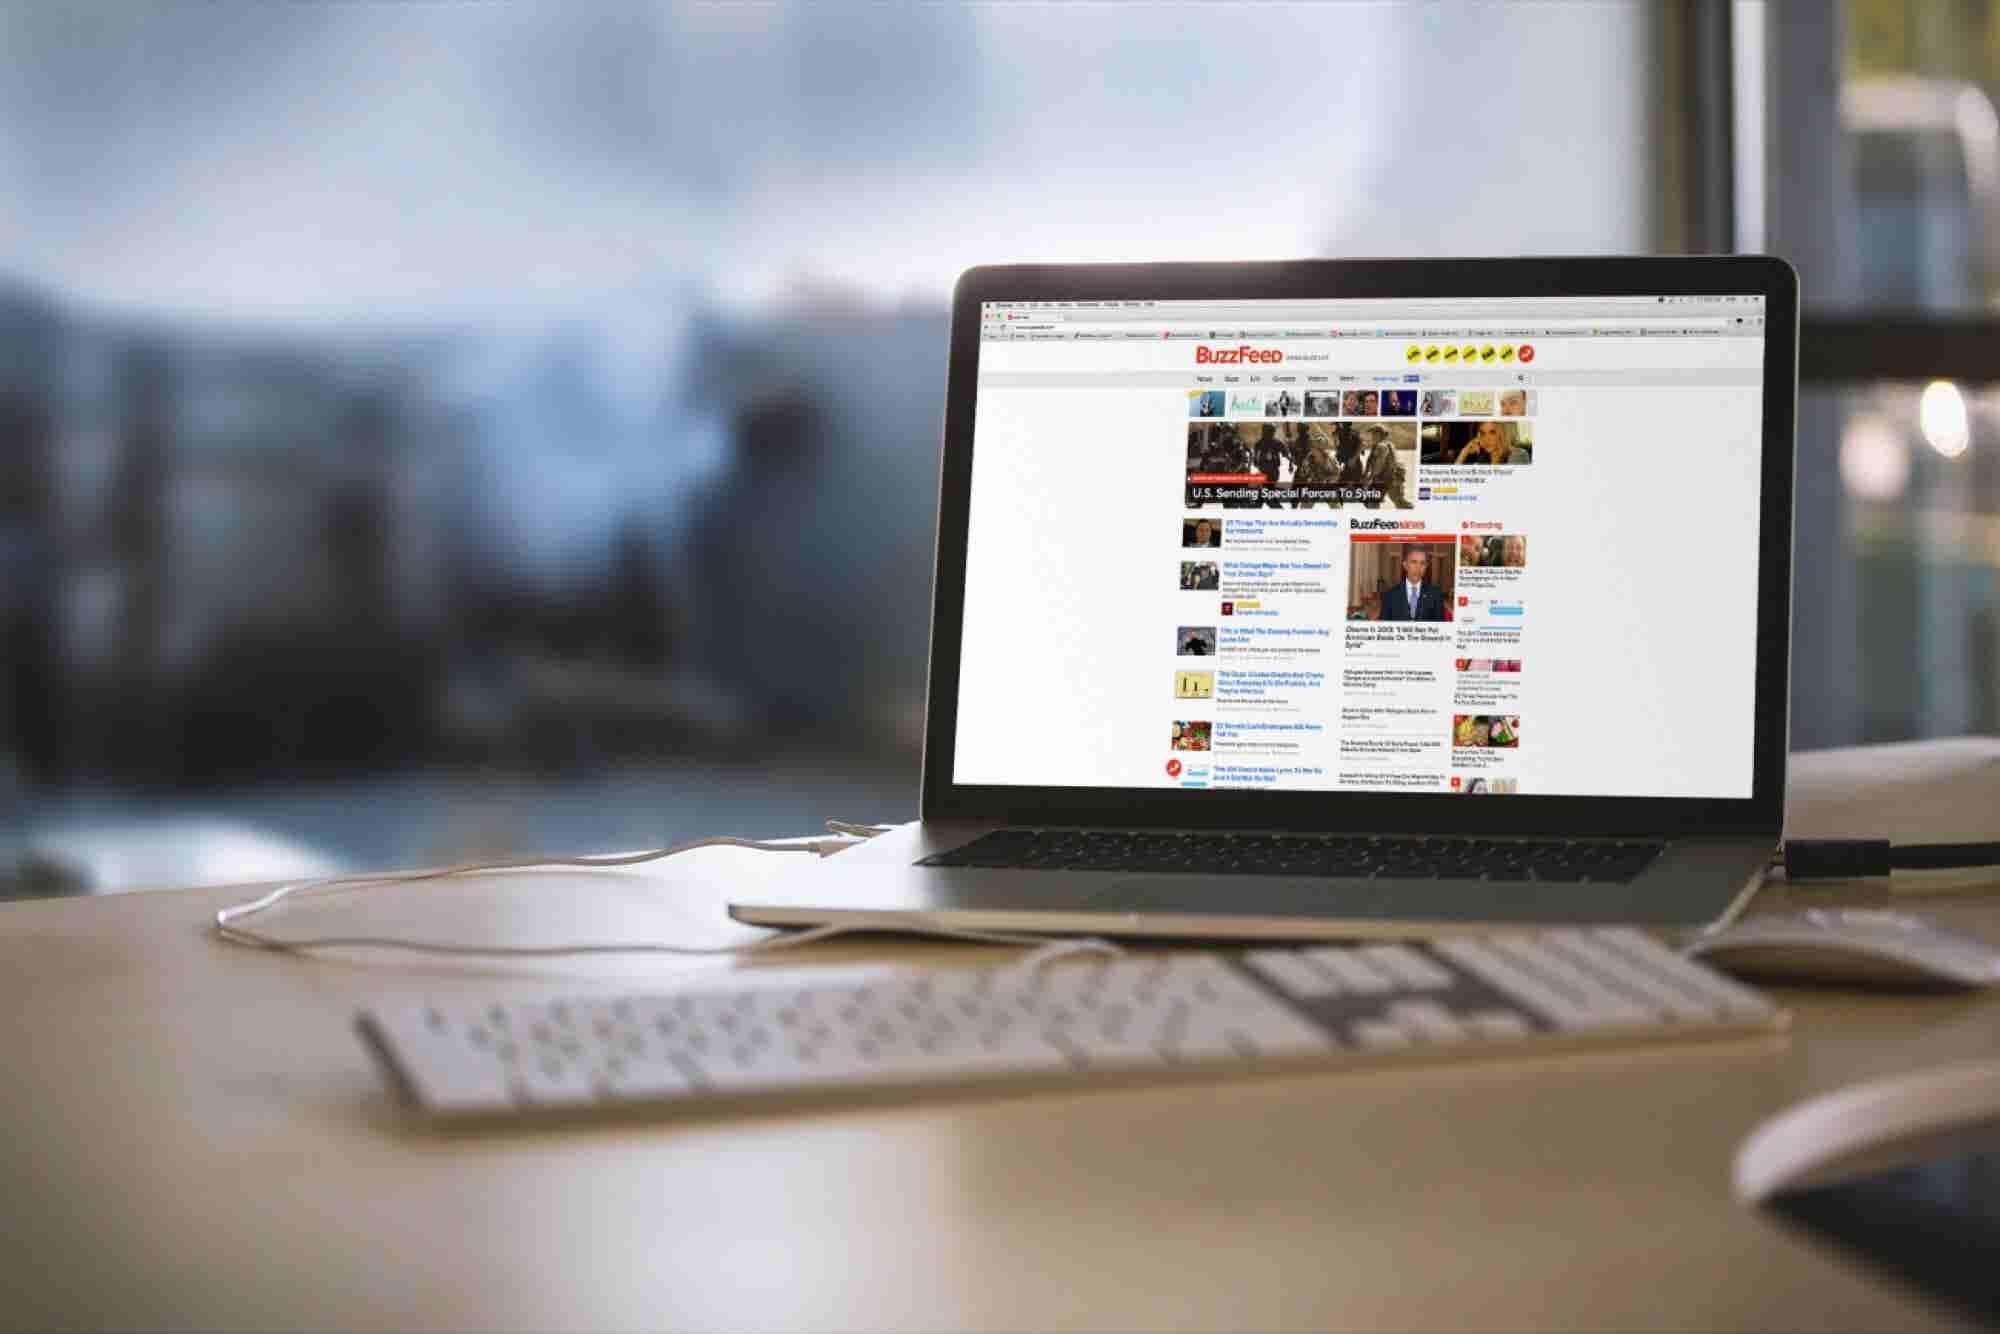 7 Inconvenient Truths About Content Marketing